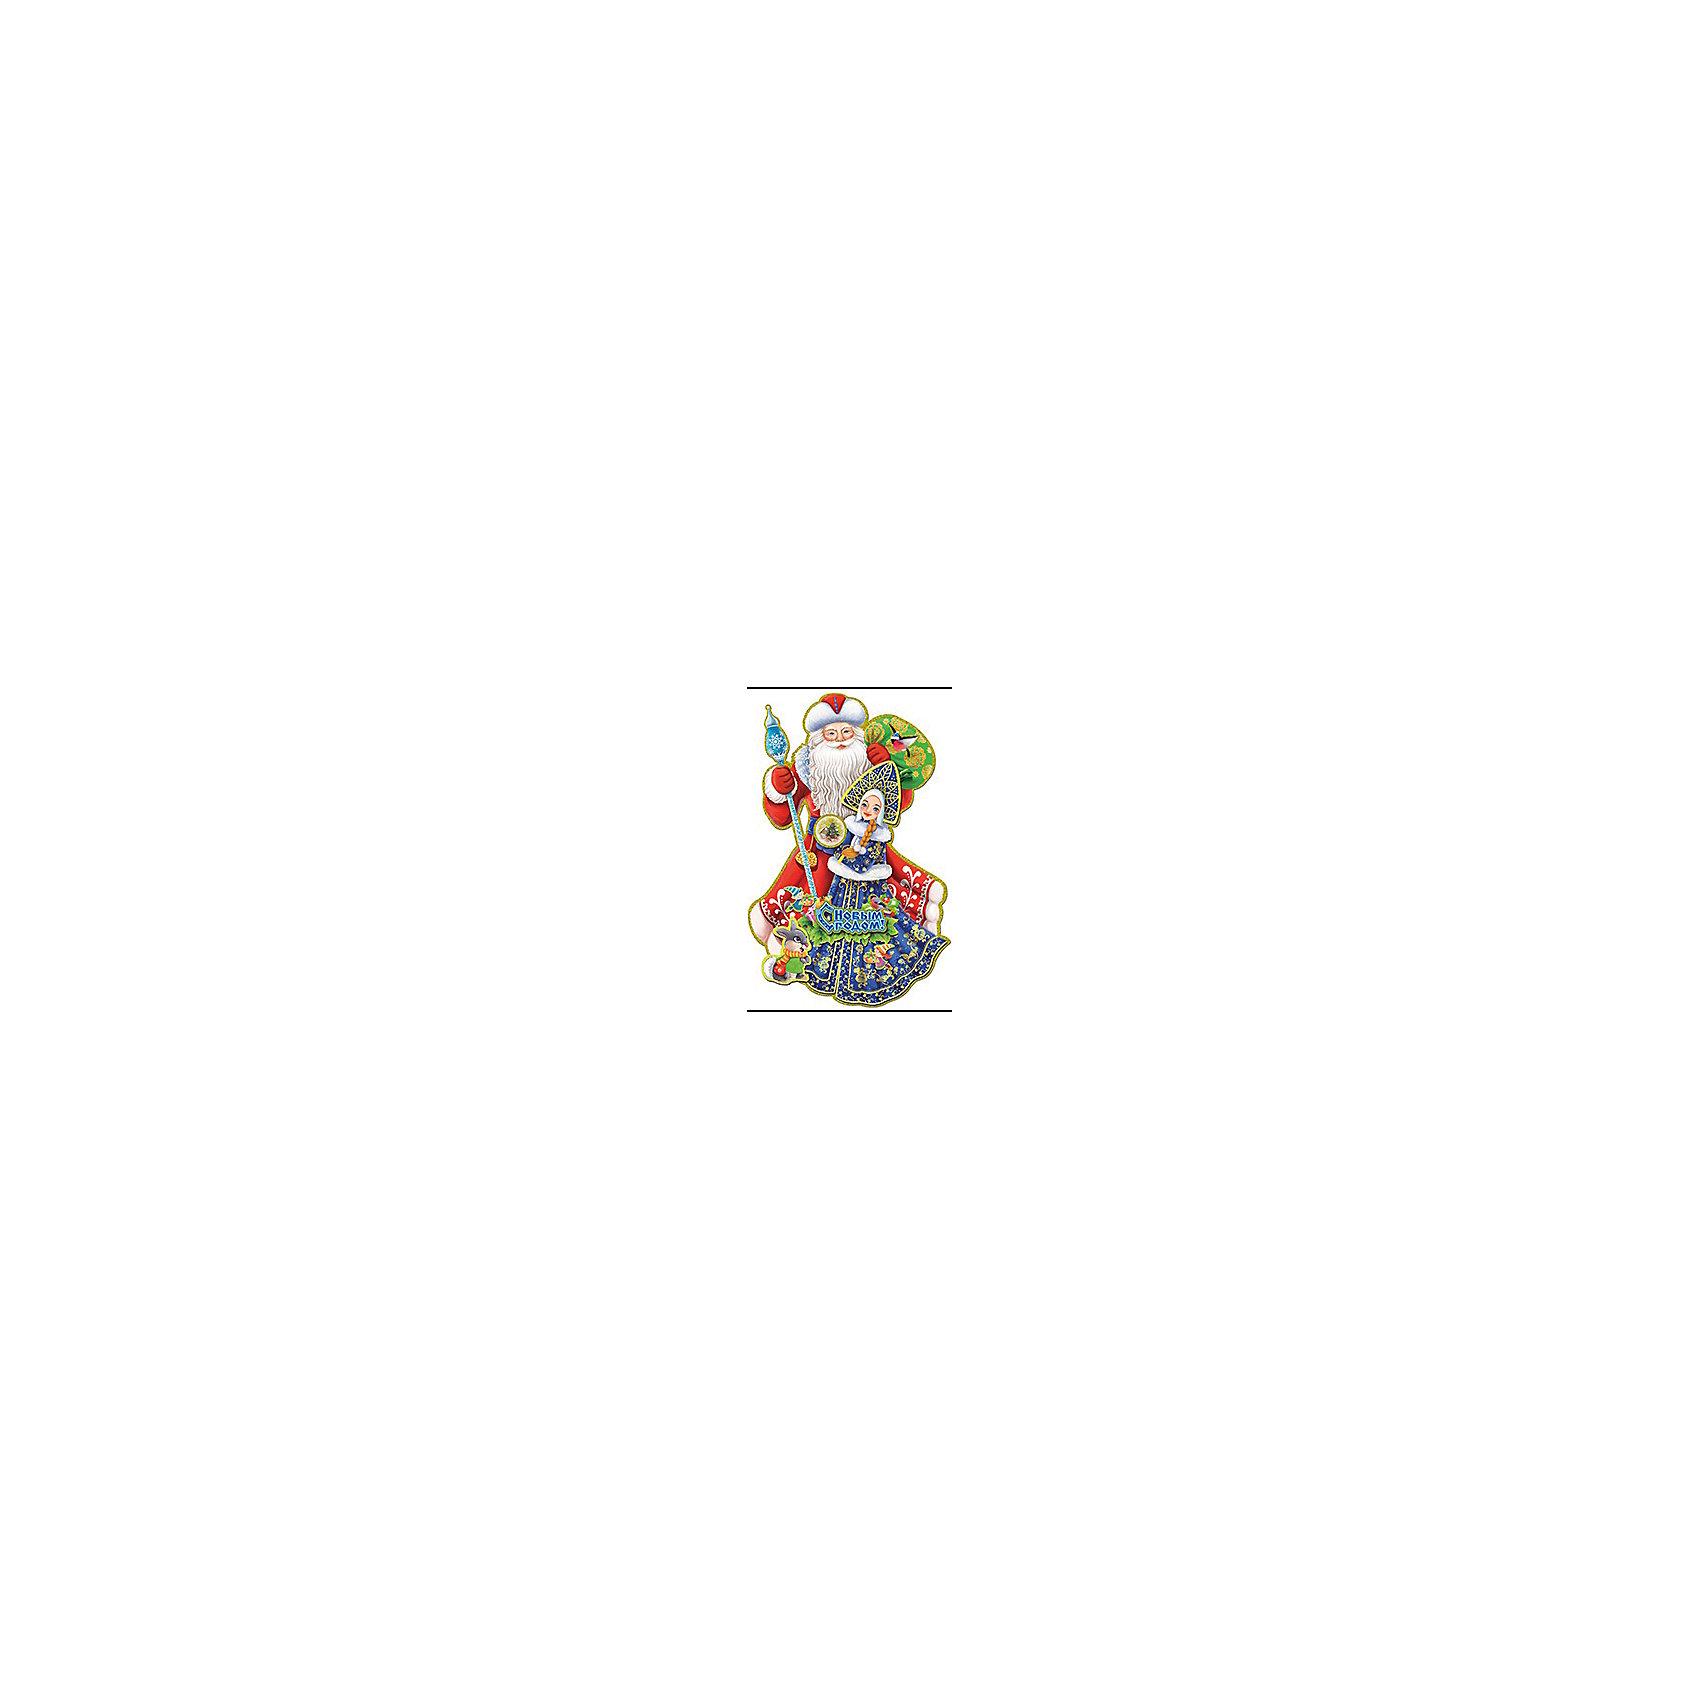 Наклейка Дед Мороз со Снегурочкой, 3D, 56*36смИзготовлено из бумаги наклейка Дед Мороз со Снегурочкой, 3D, 56*36см<br><br>Ширина мм: 360<br>Глубина мм: 20<br>Высота мм: 560<br>Вес г: 100<br>Возраст от месяцев: 36<br>Возраст до месяцев: 2147483647<br>Пол: Унисекс<br>Возраст: Детский<br>SKU: 5101039